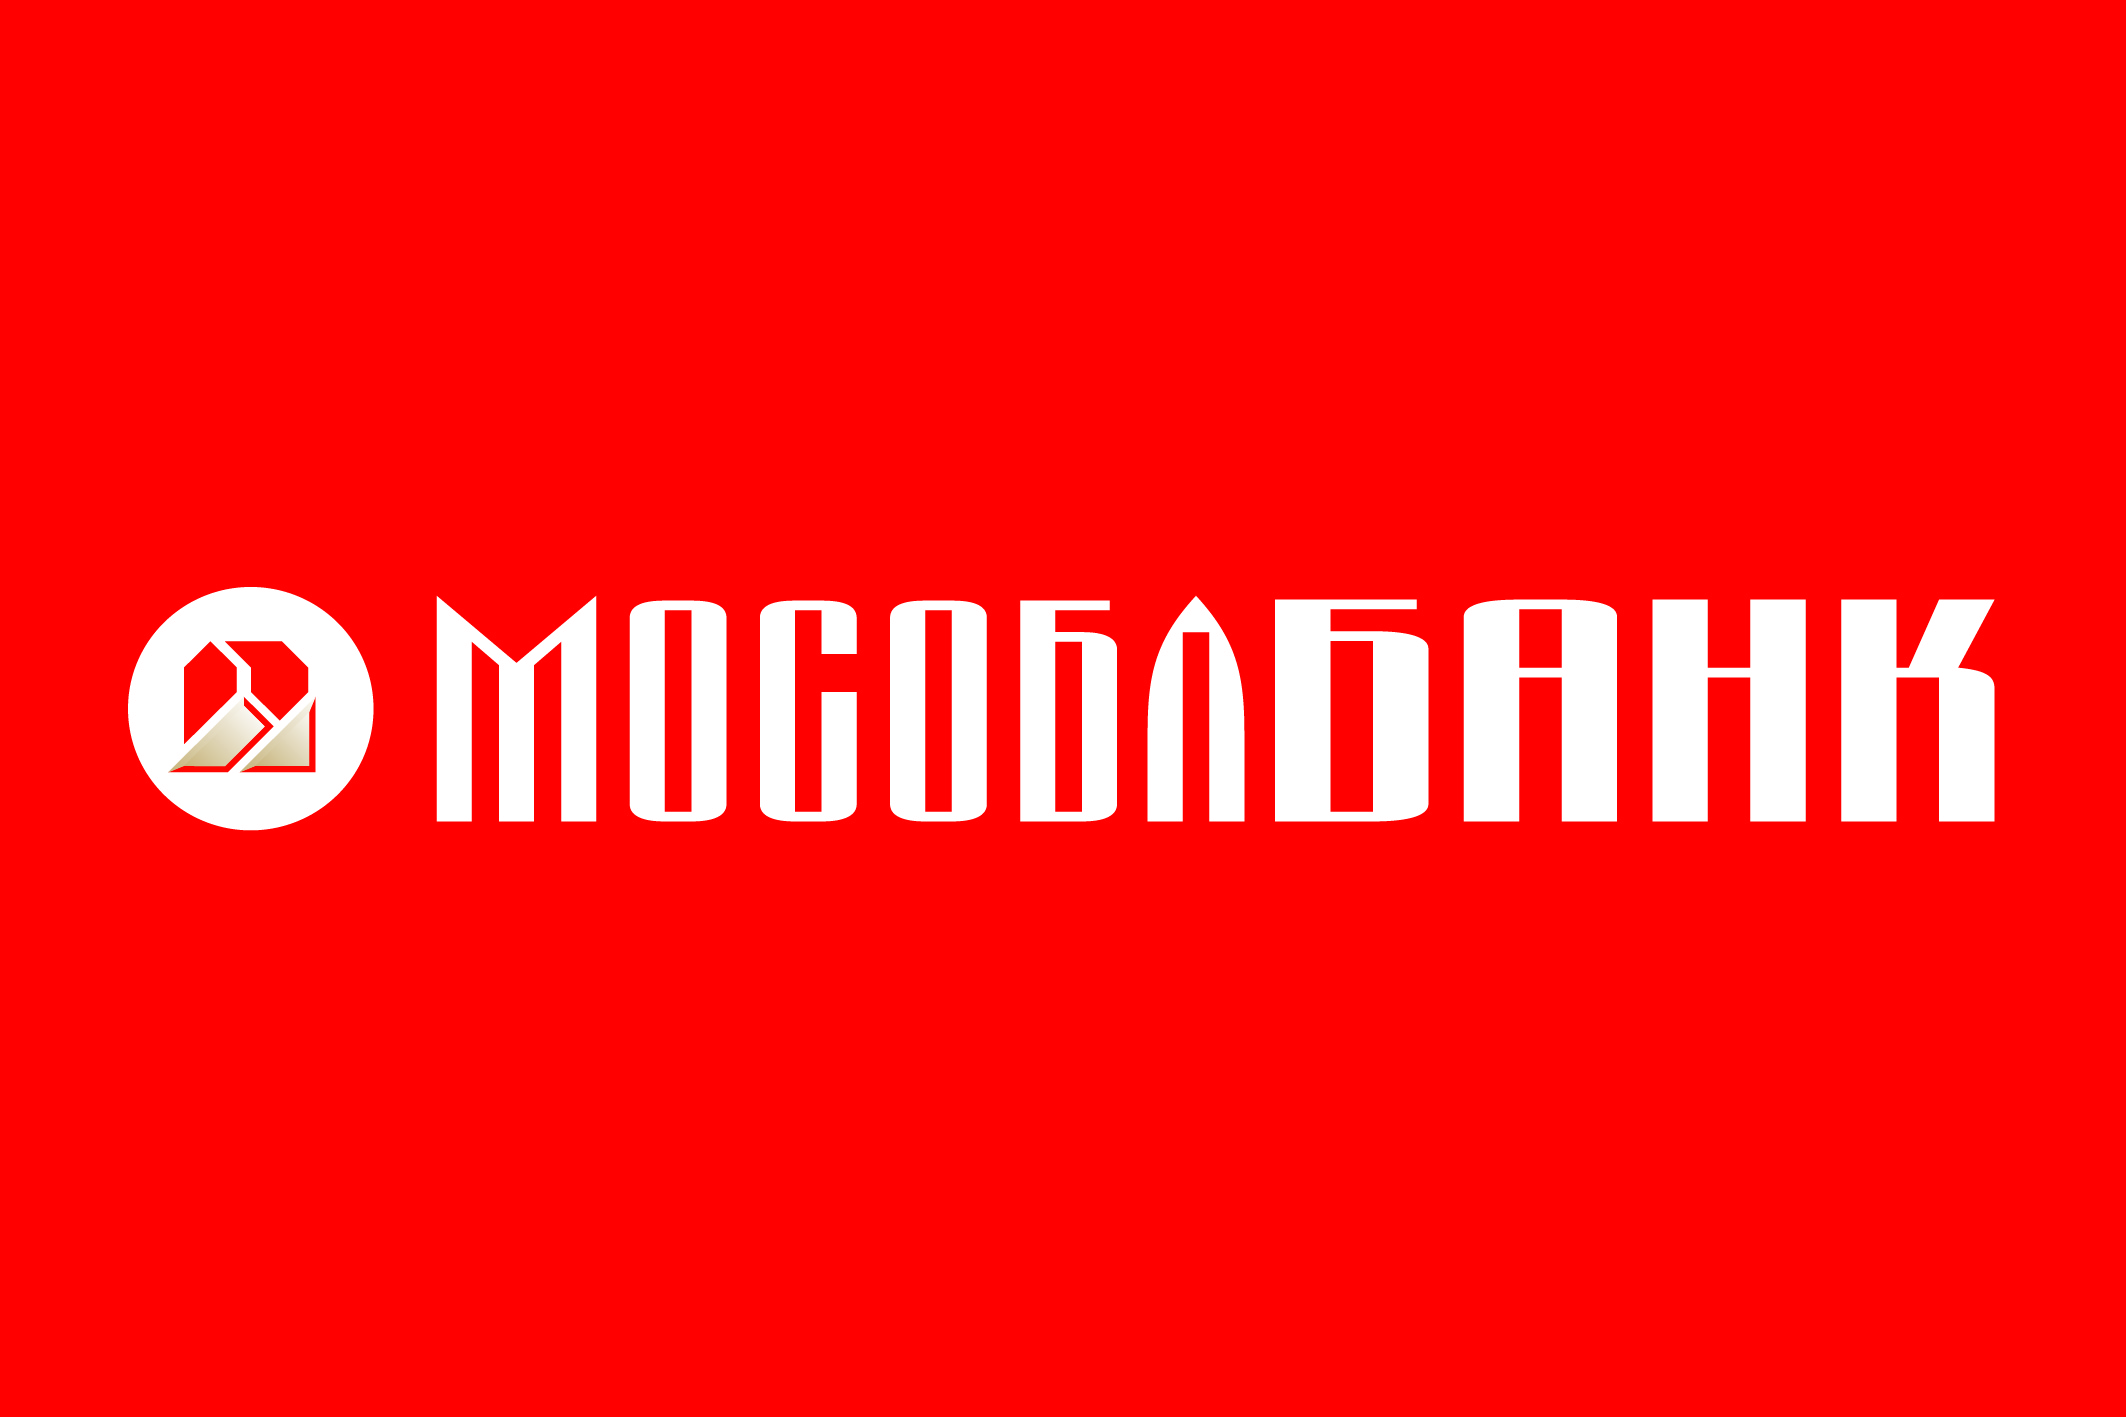 """""""МосОблБанк"""" отзывы клиентов и сотрудников о деятельности банка"""